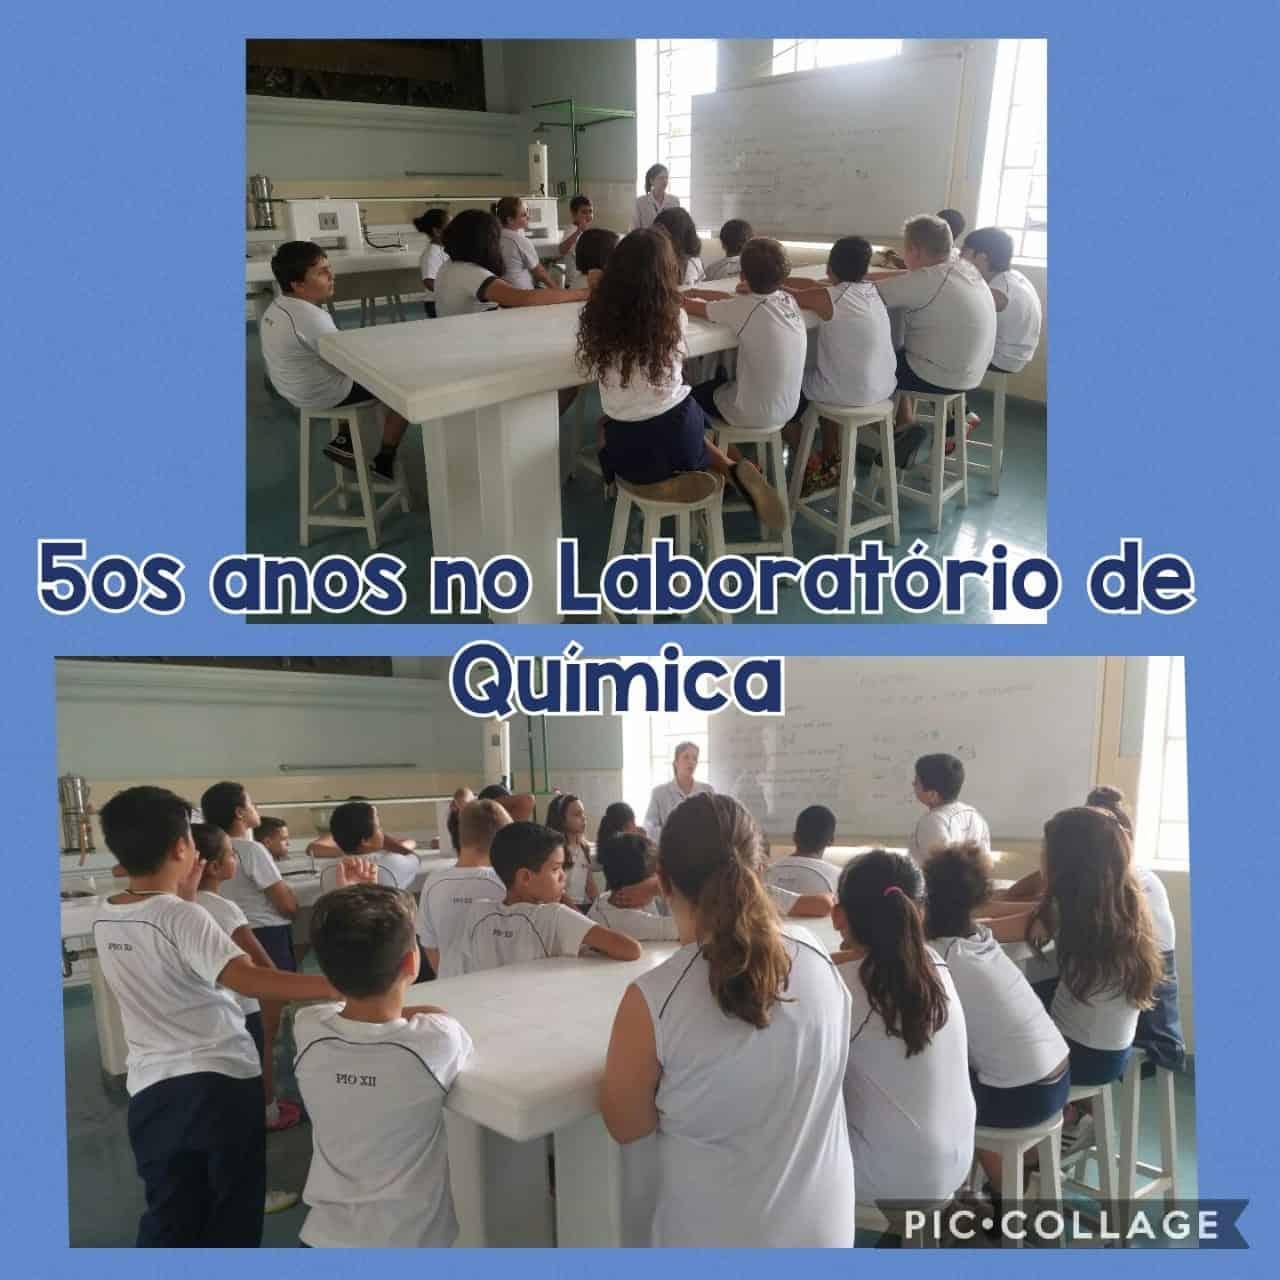 5ºS ANOS NO LABORATÓRIO DE QUÍMICA